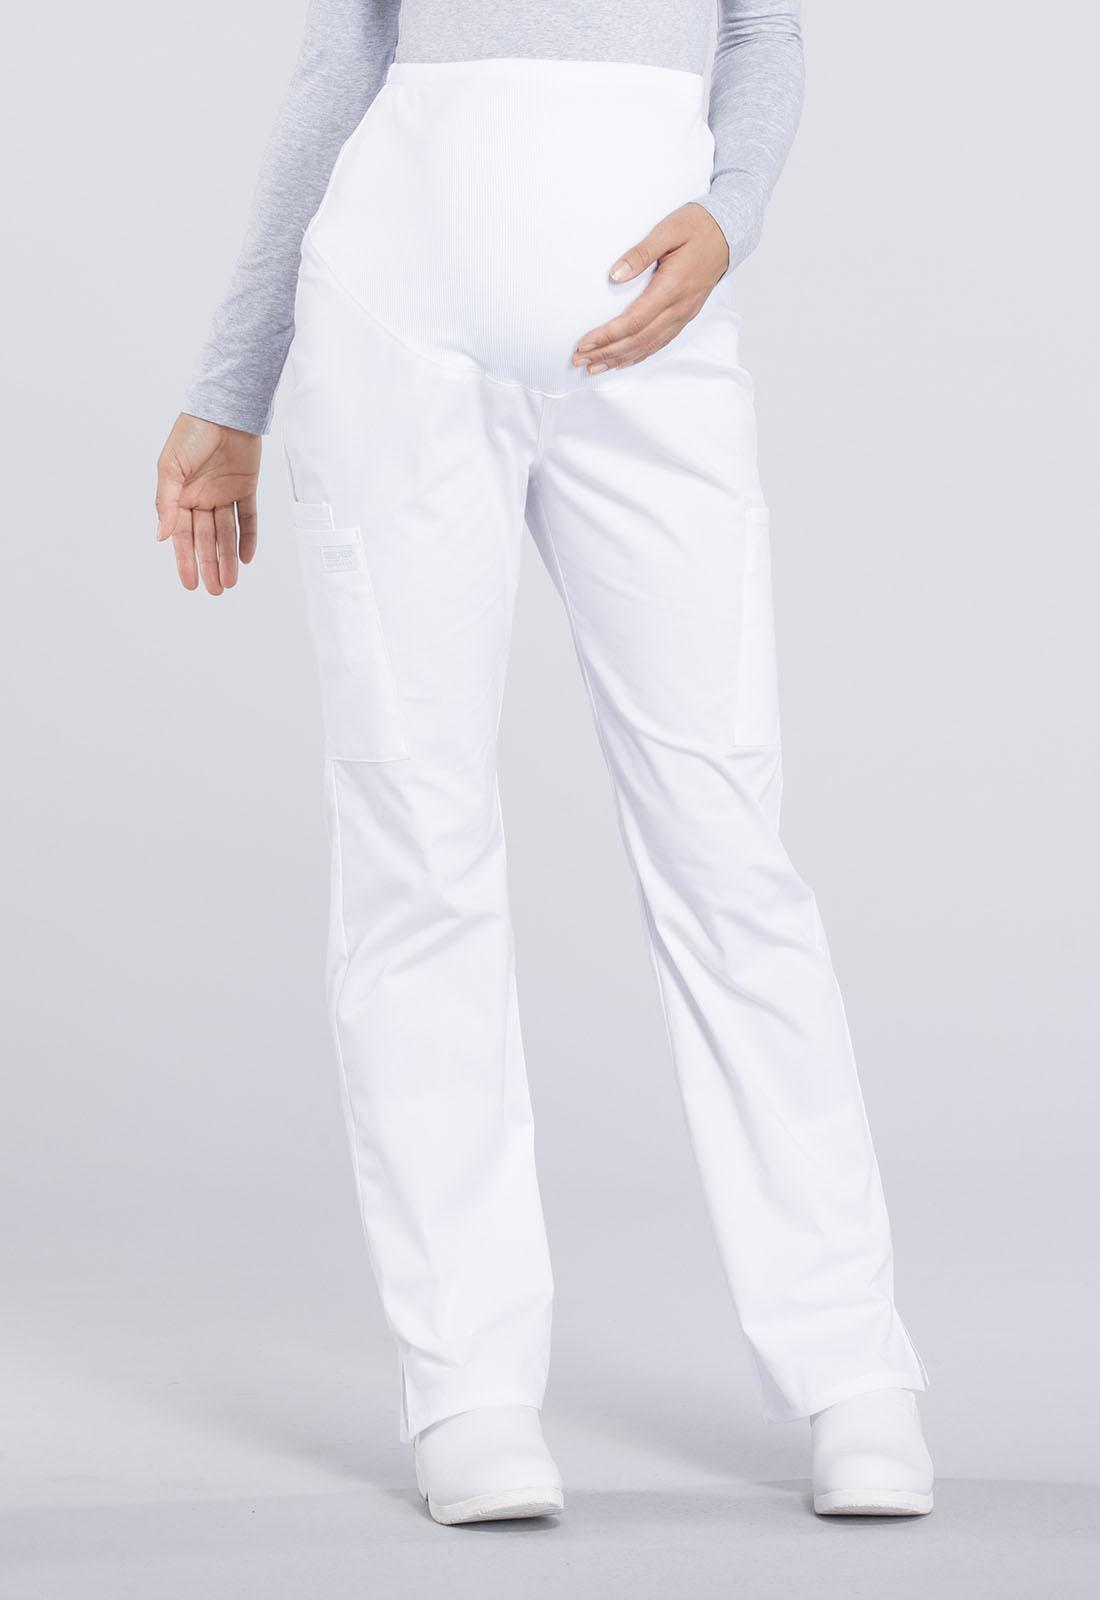 fddd99e122cc5 WW Professionals Maternity Straight Leg Pant in White WW220P-WHT ...